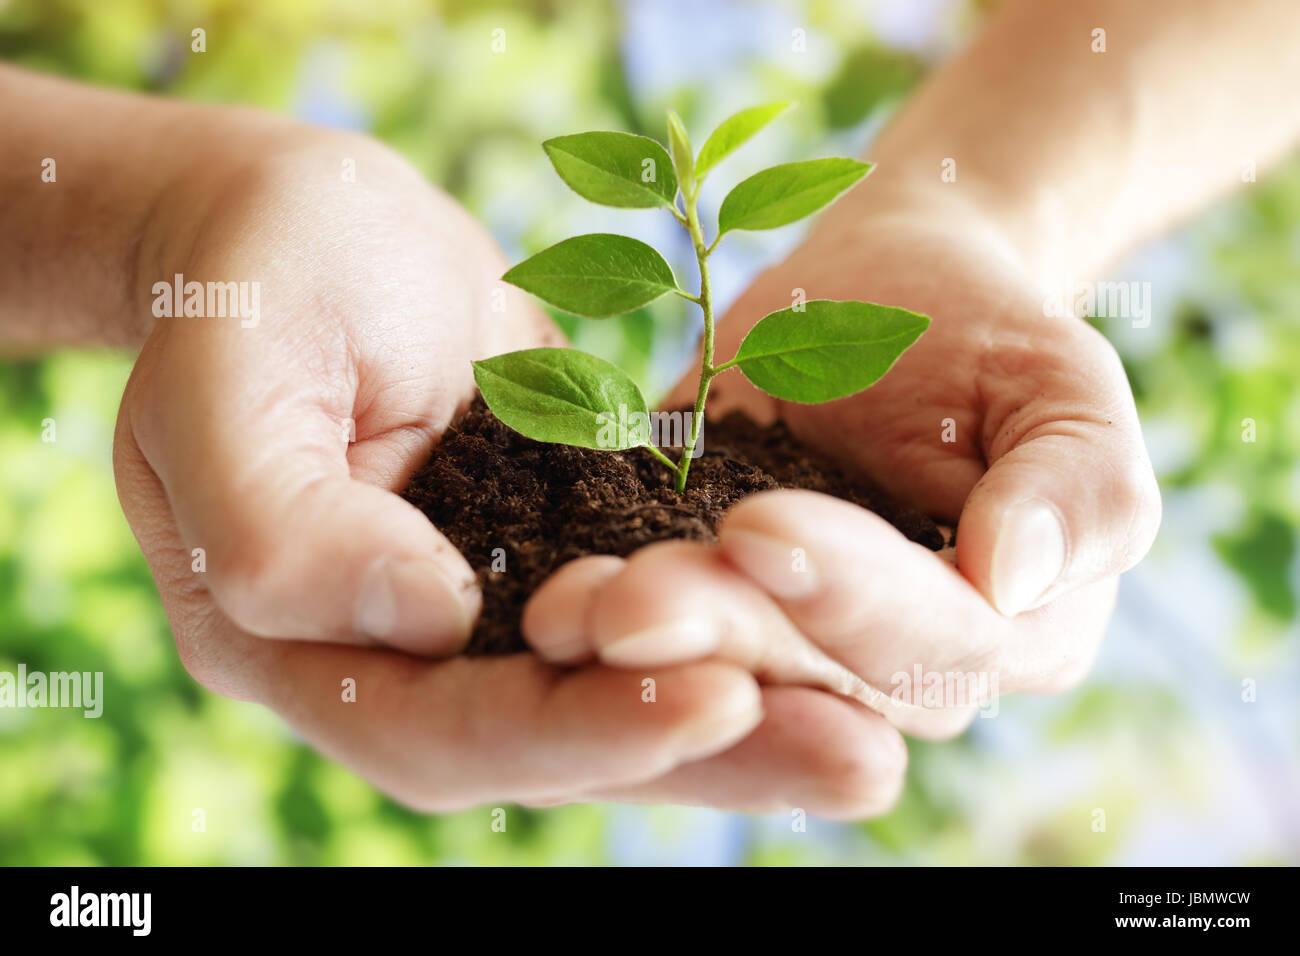 Avendo cura di nuovo sviluppo mani tenendo la vita nuova pianta Immagini Stock